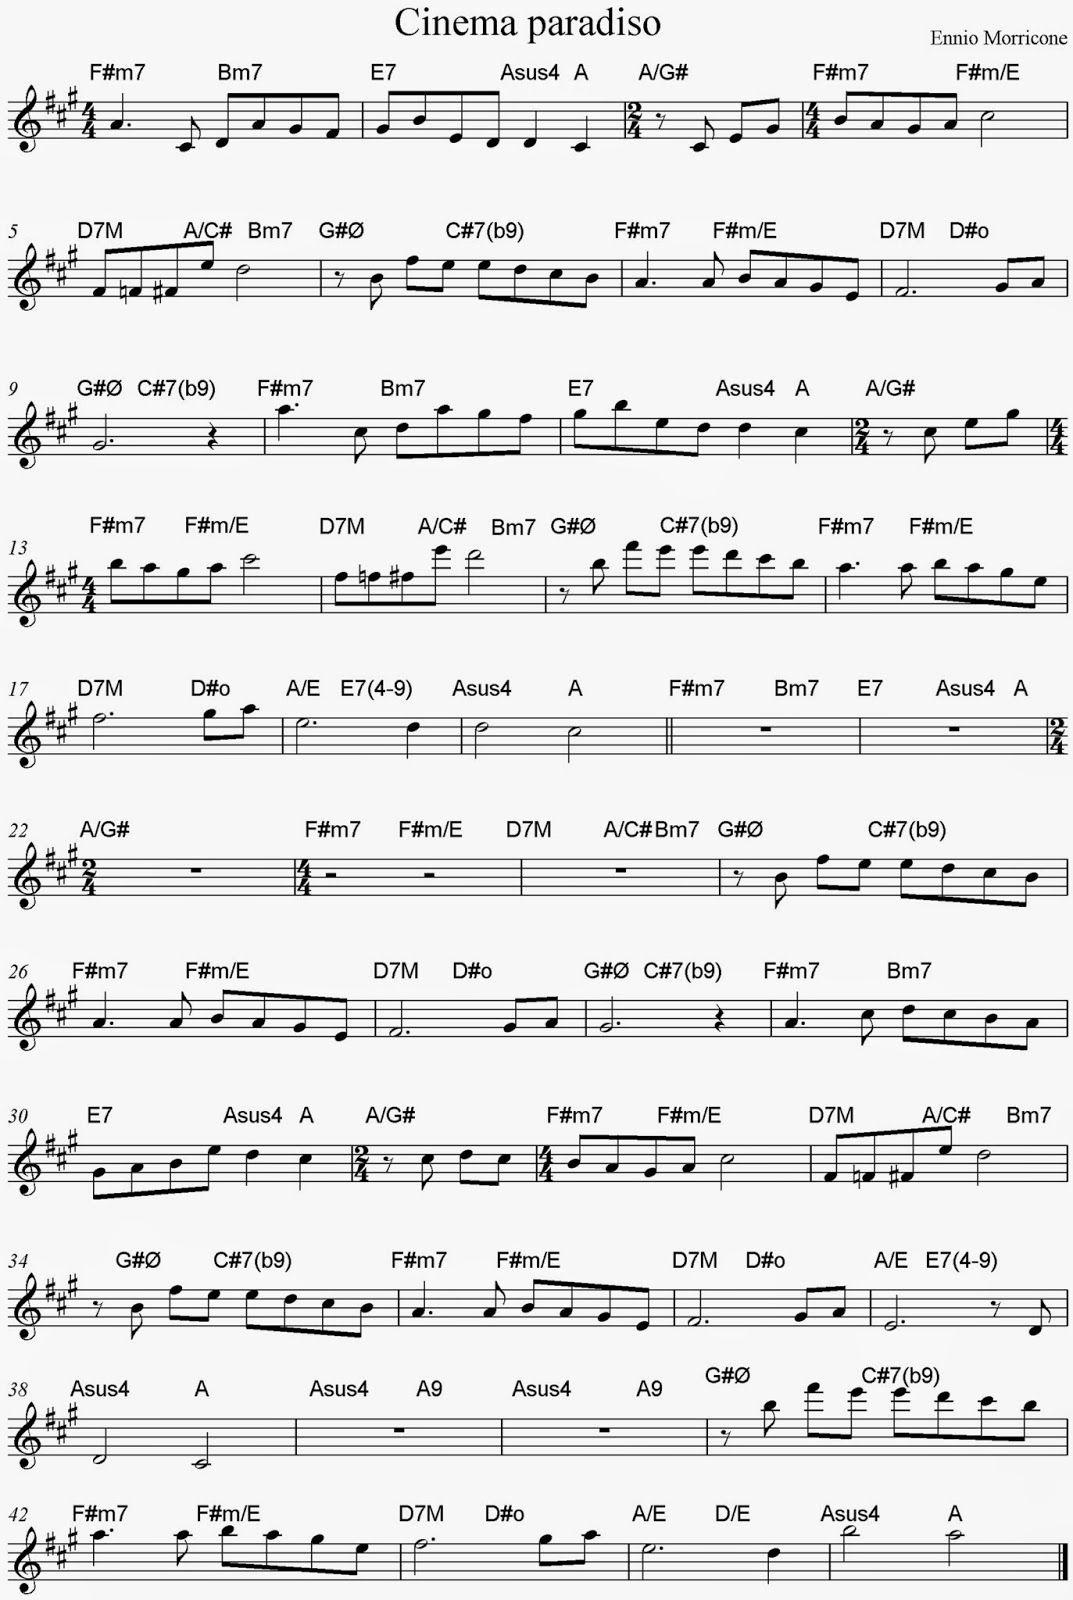 Partitura de cinema paradiso con acordes sheet music and chords partitura de cinema paradiso con acordes sheet music and chords mais hexwebz Image collections